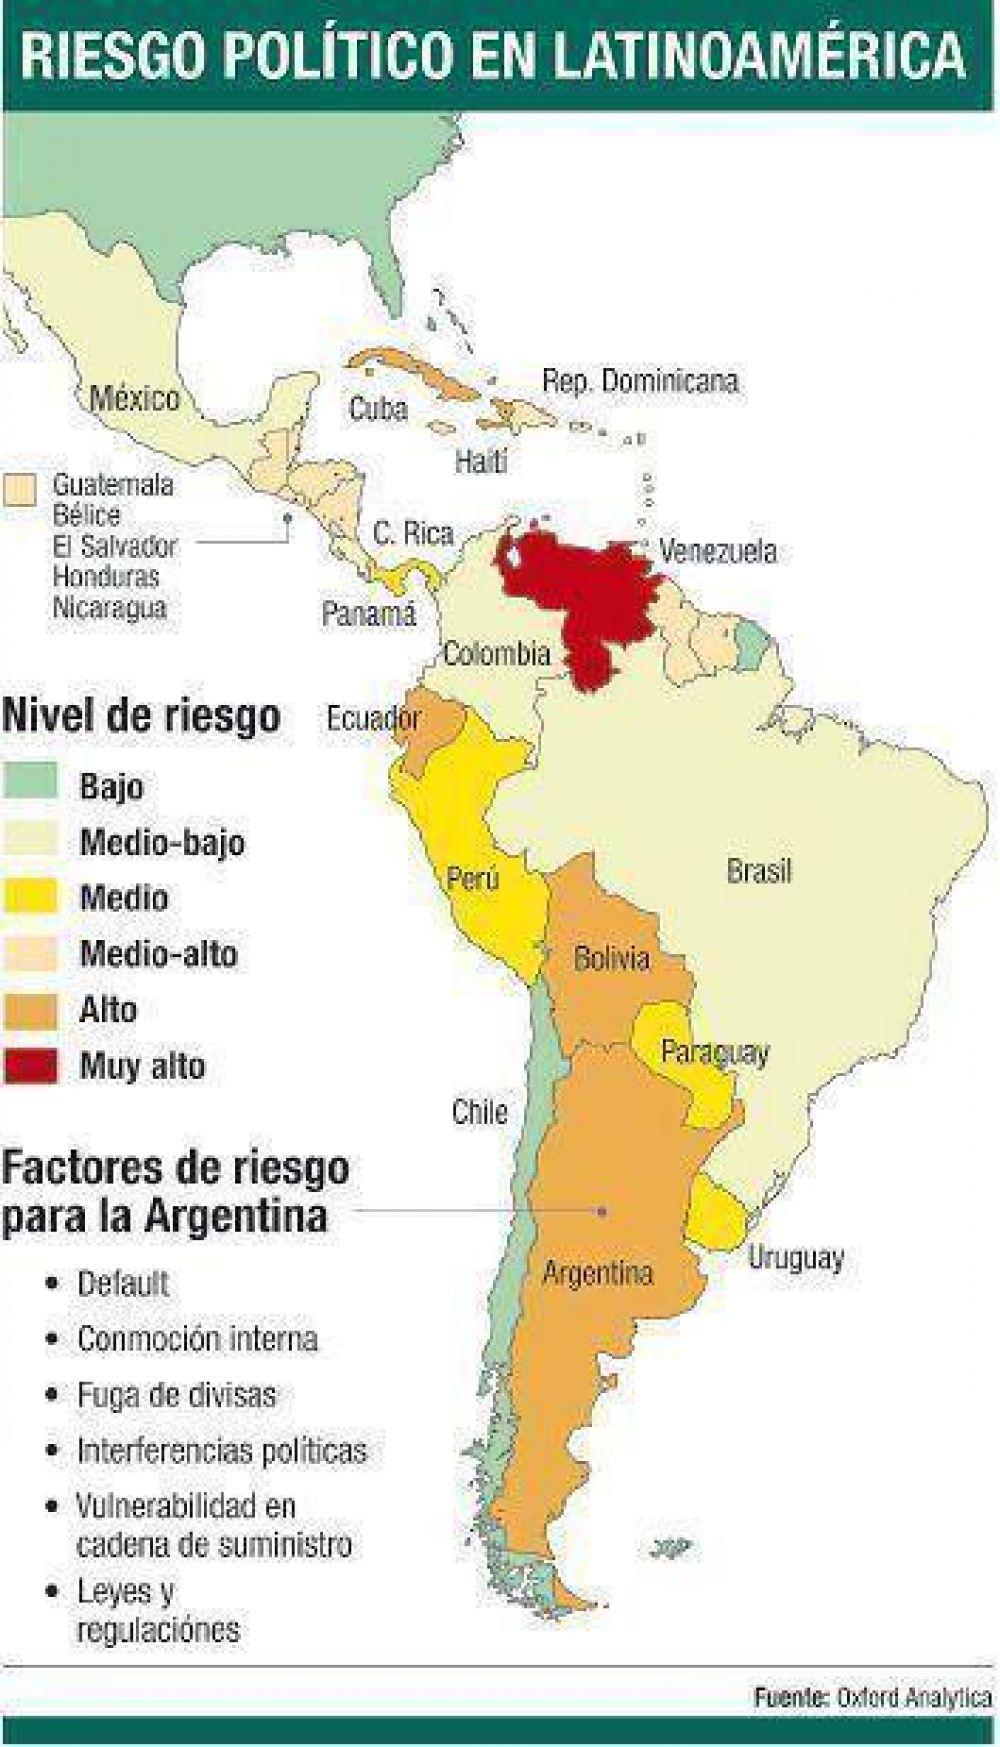 La Argentina, peor en mapa de riesgo global